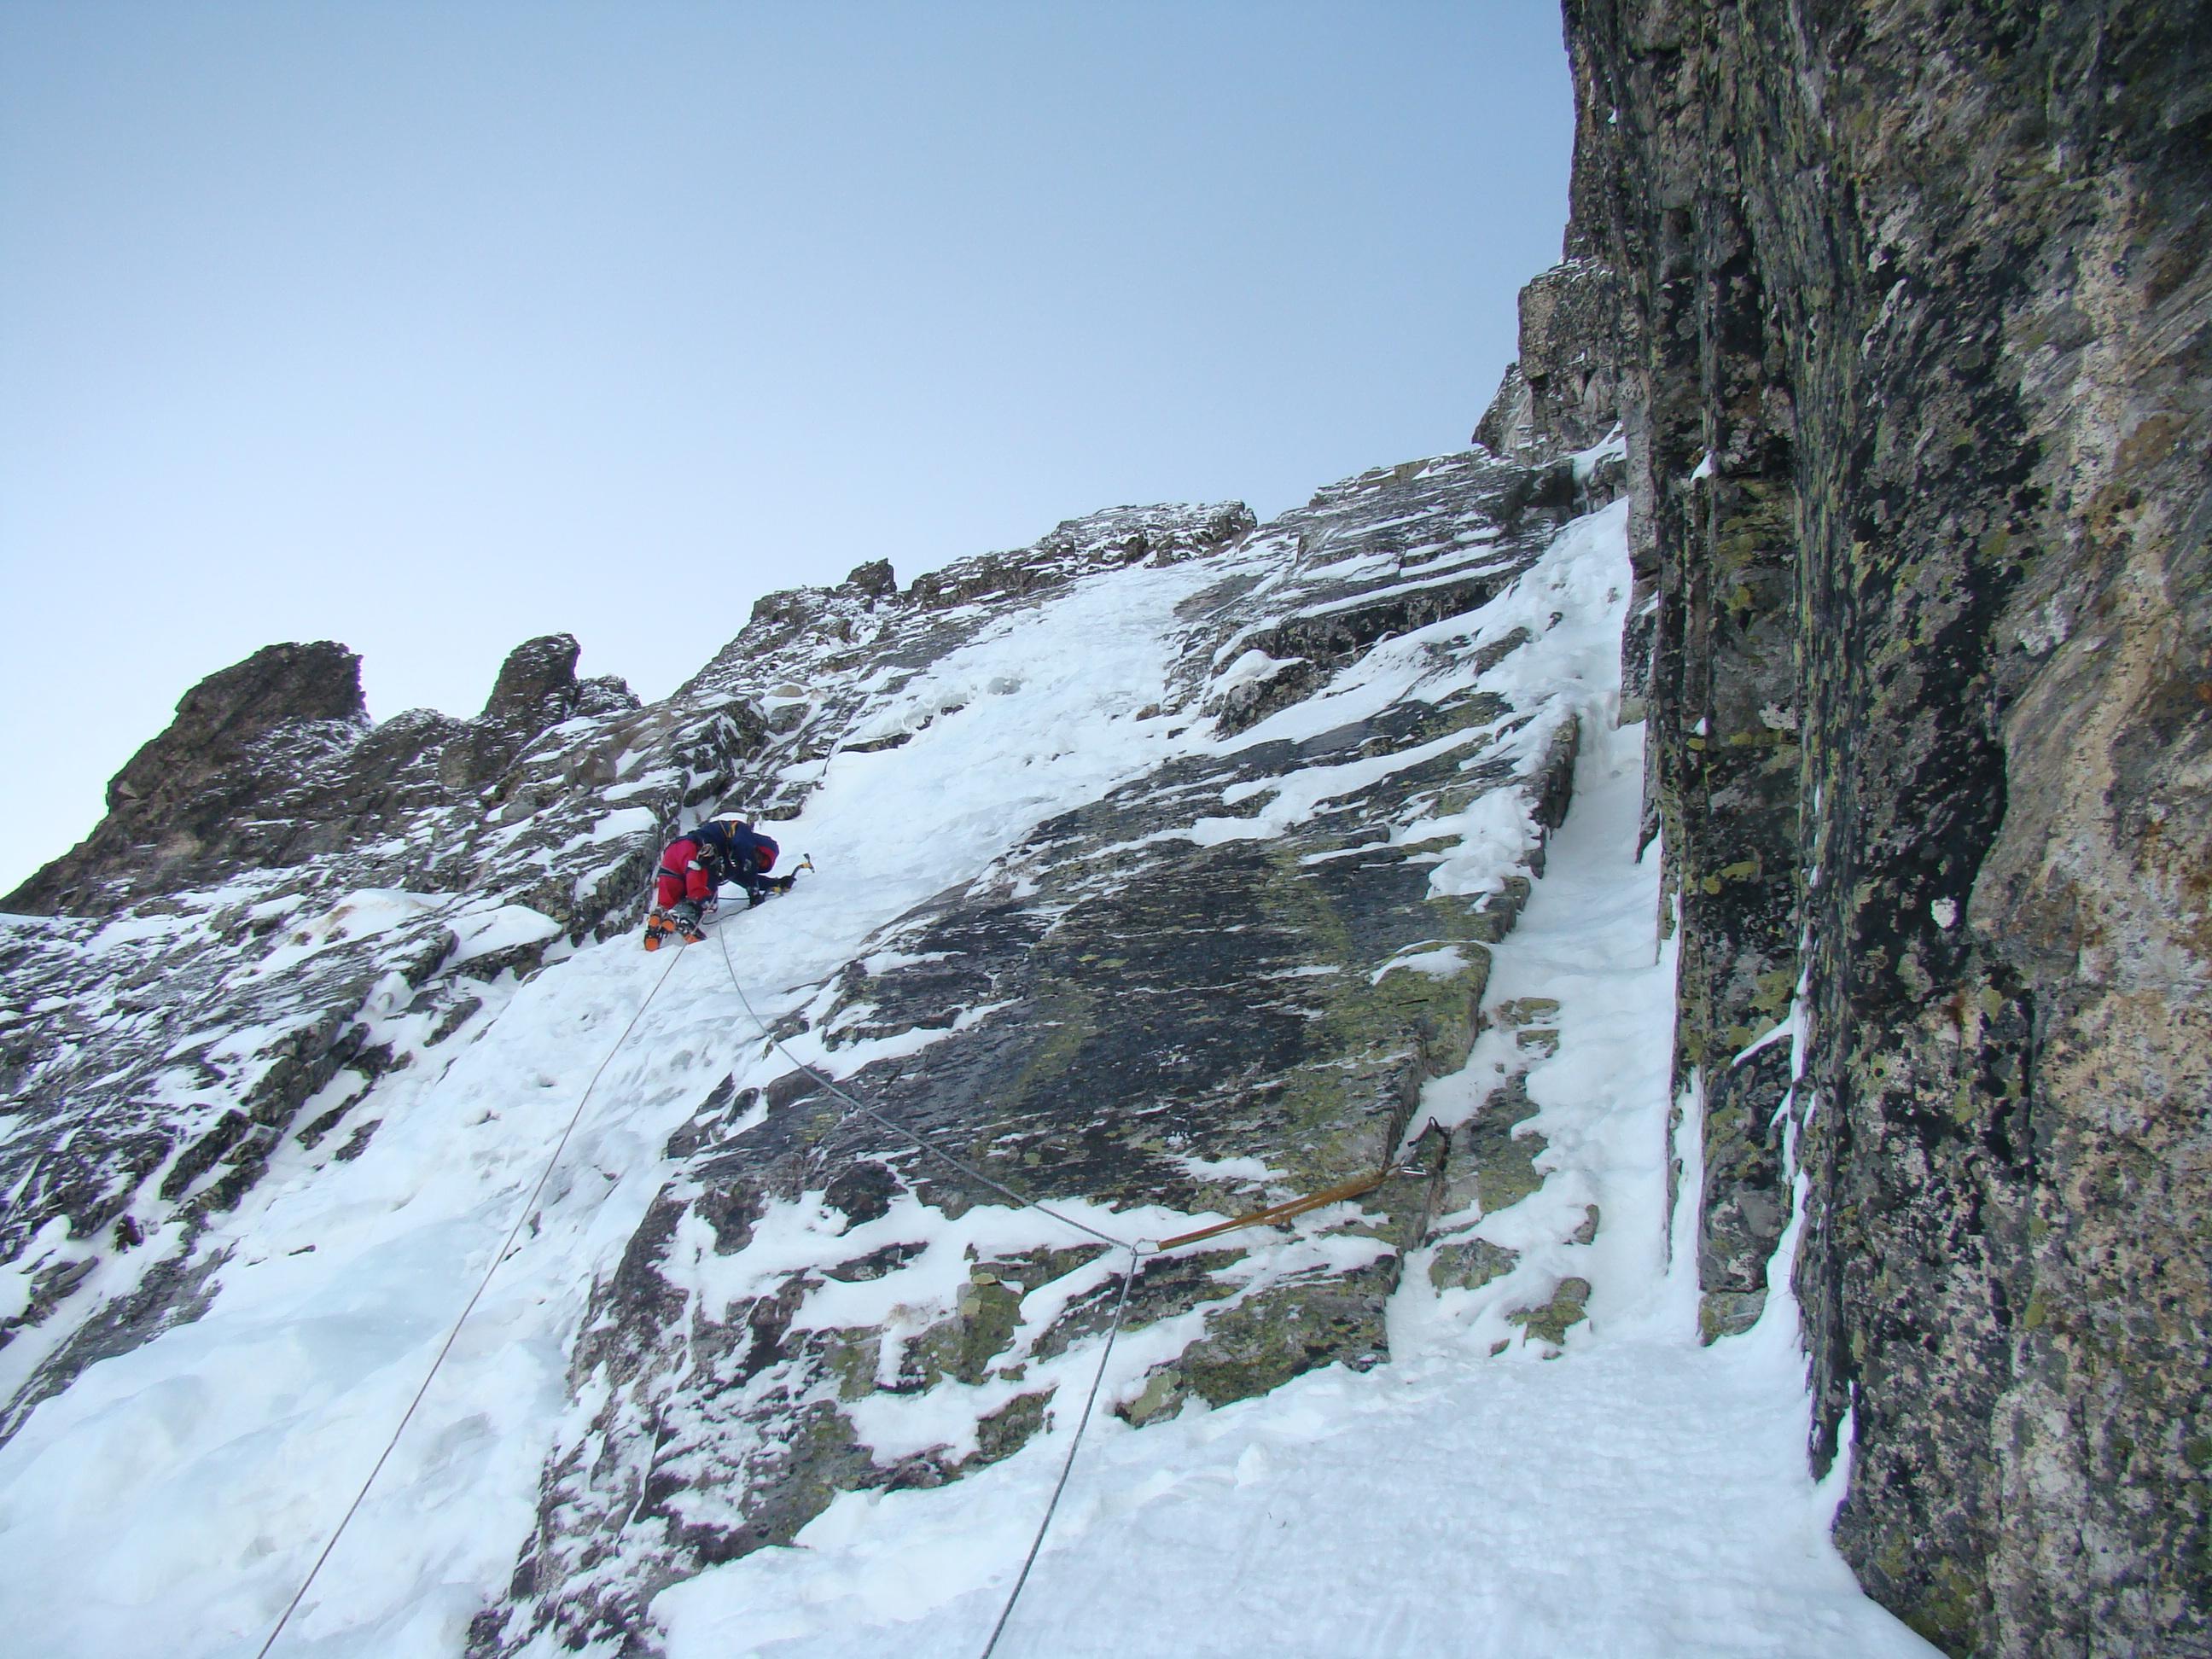 mountaineering kamilata